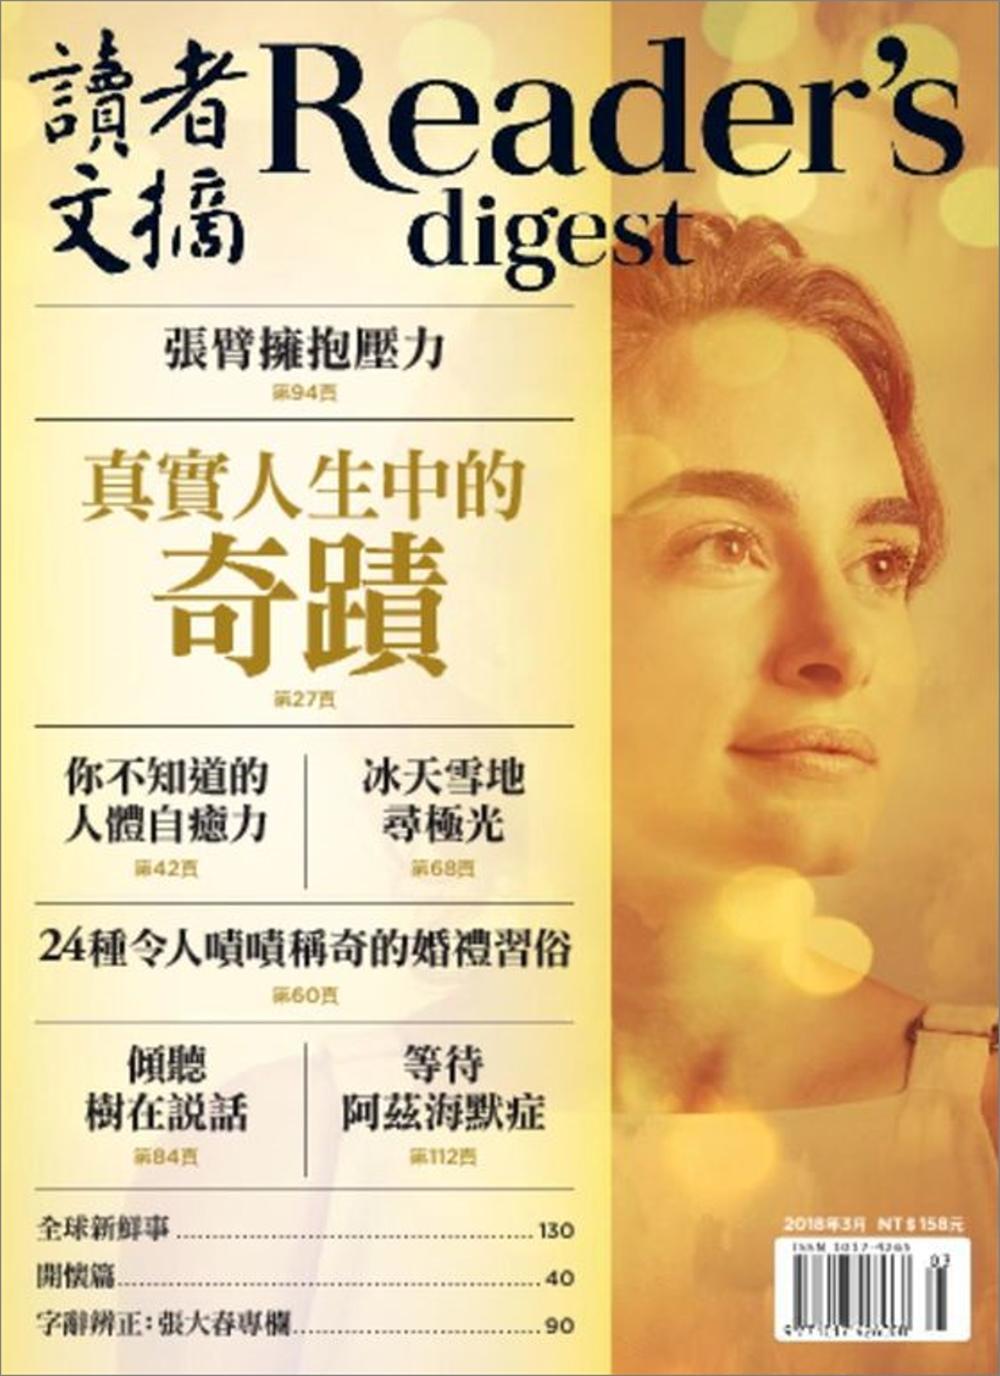 READER'S DIGEST 讀者文摘中文版 3月號/2018 第637期